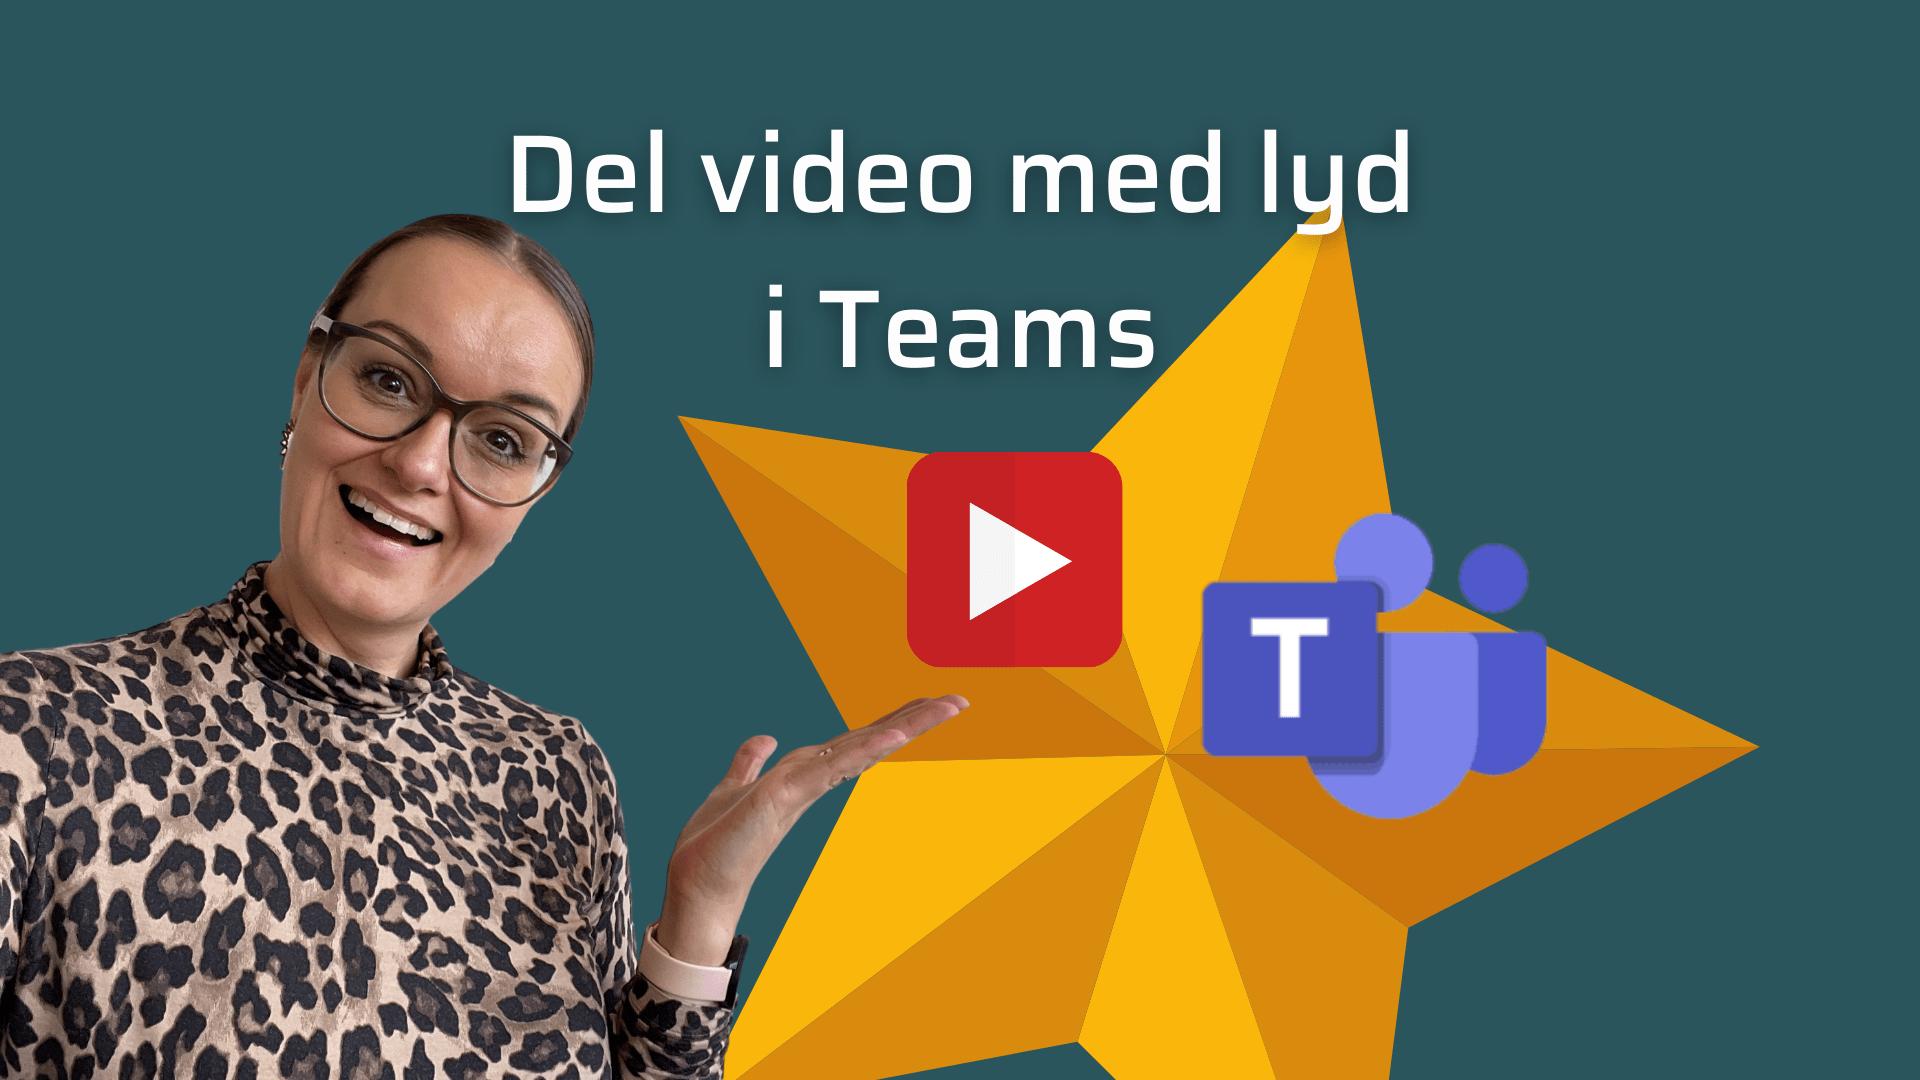 Del video med lyd i et microsoft teams møde